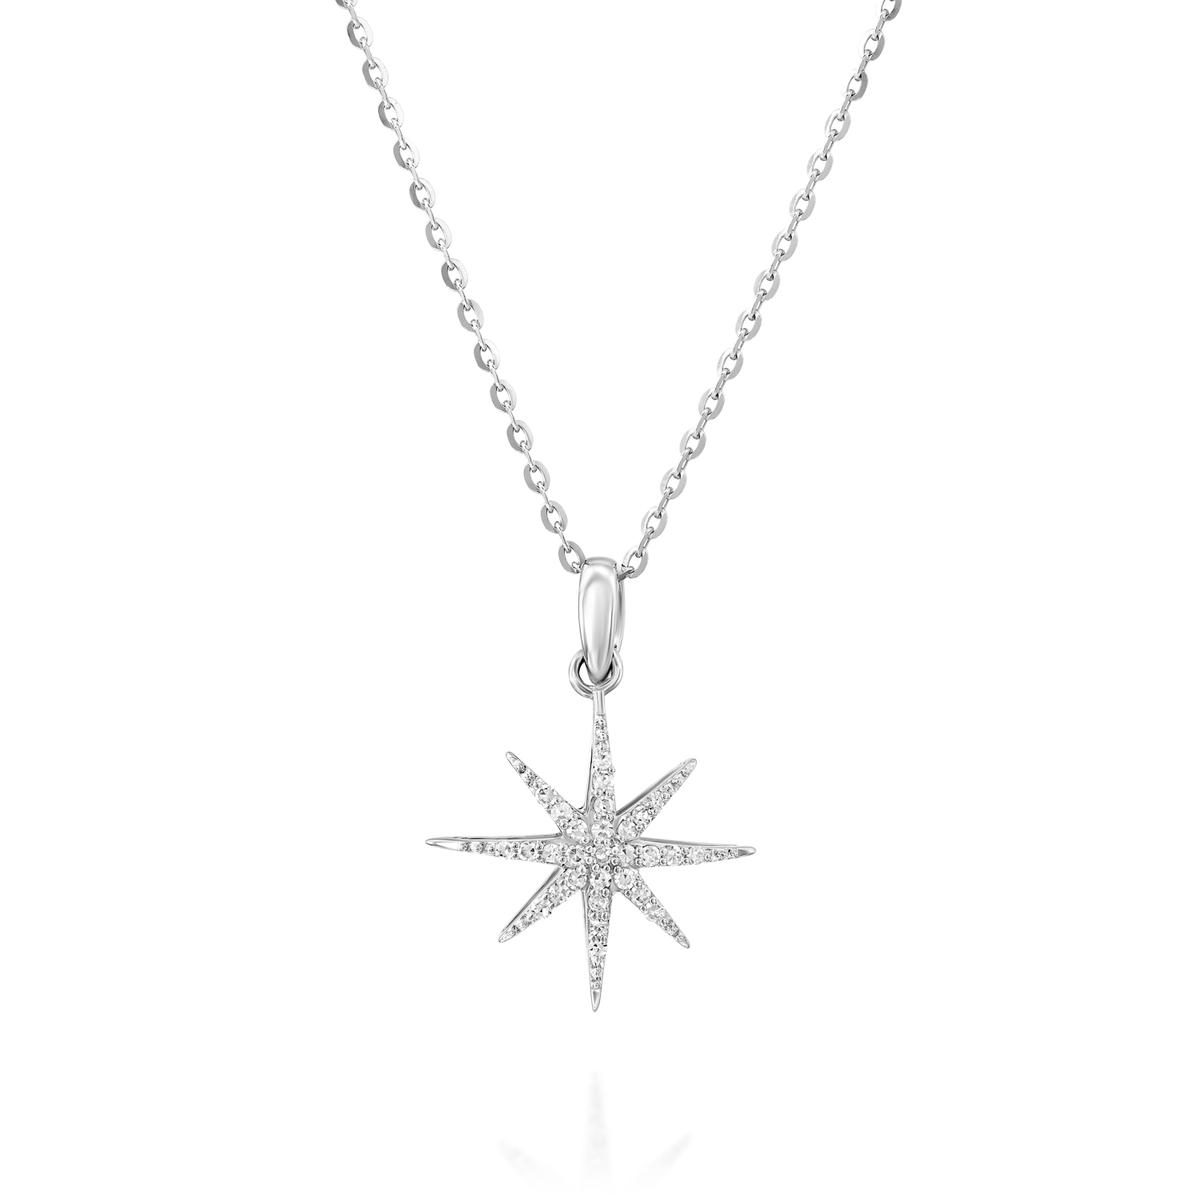 שרשרת ותליון כוכבי האושר משובץ יהלומים בזהב לבן או צהוב 14 קראט